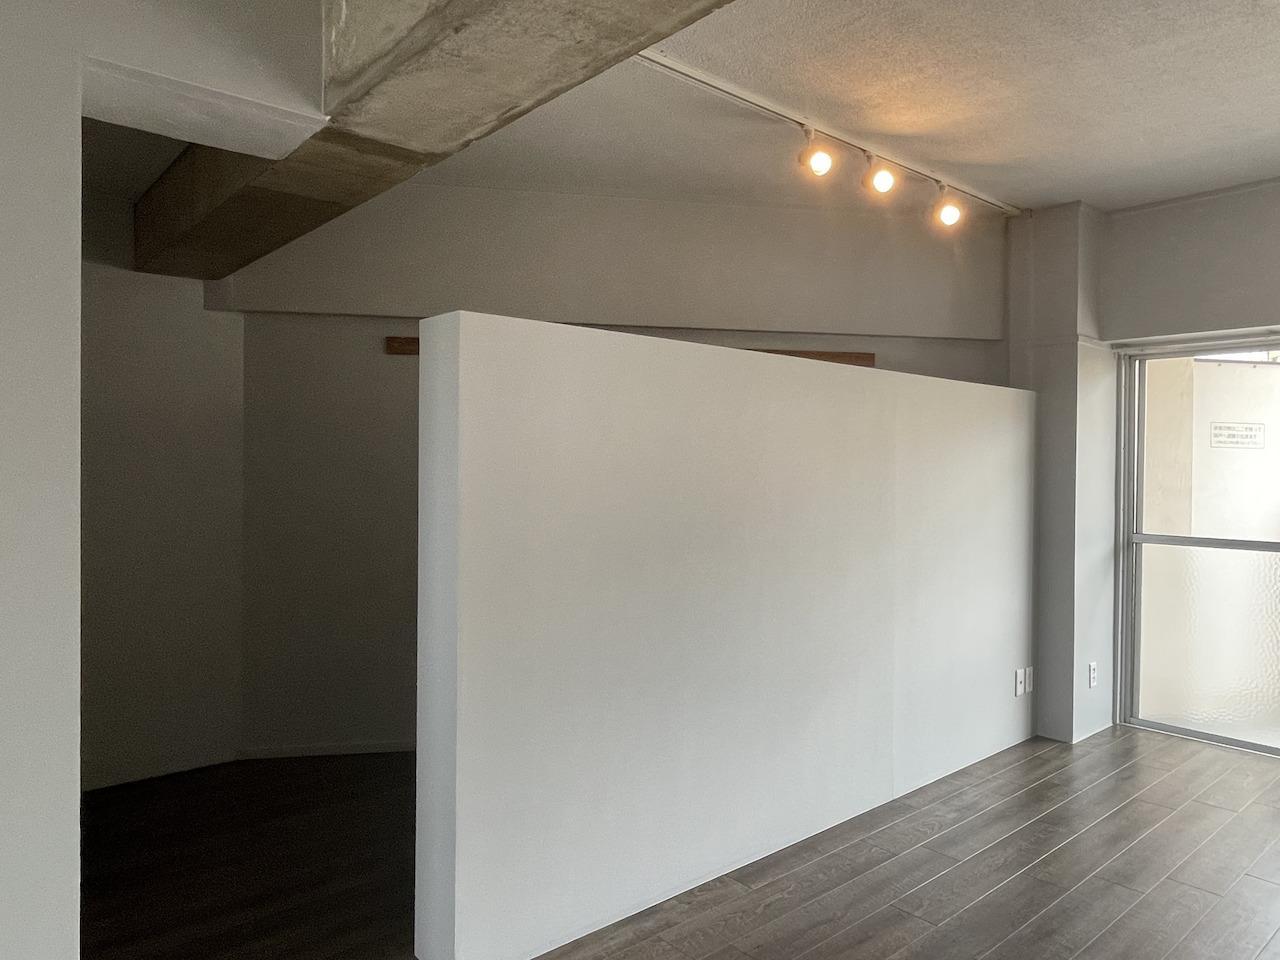 壁の向こうは納戸で荷物置き場に。